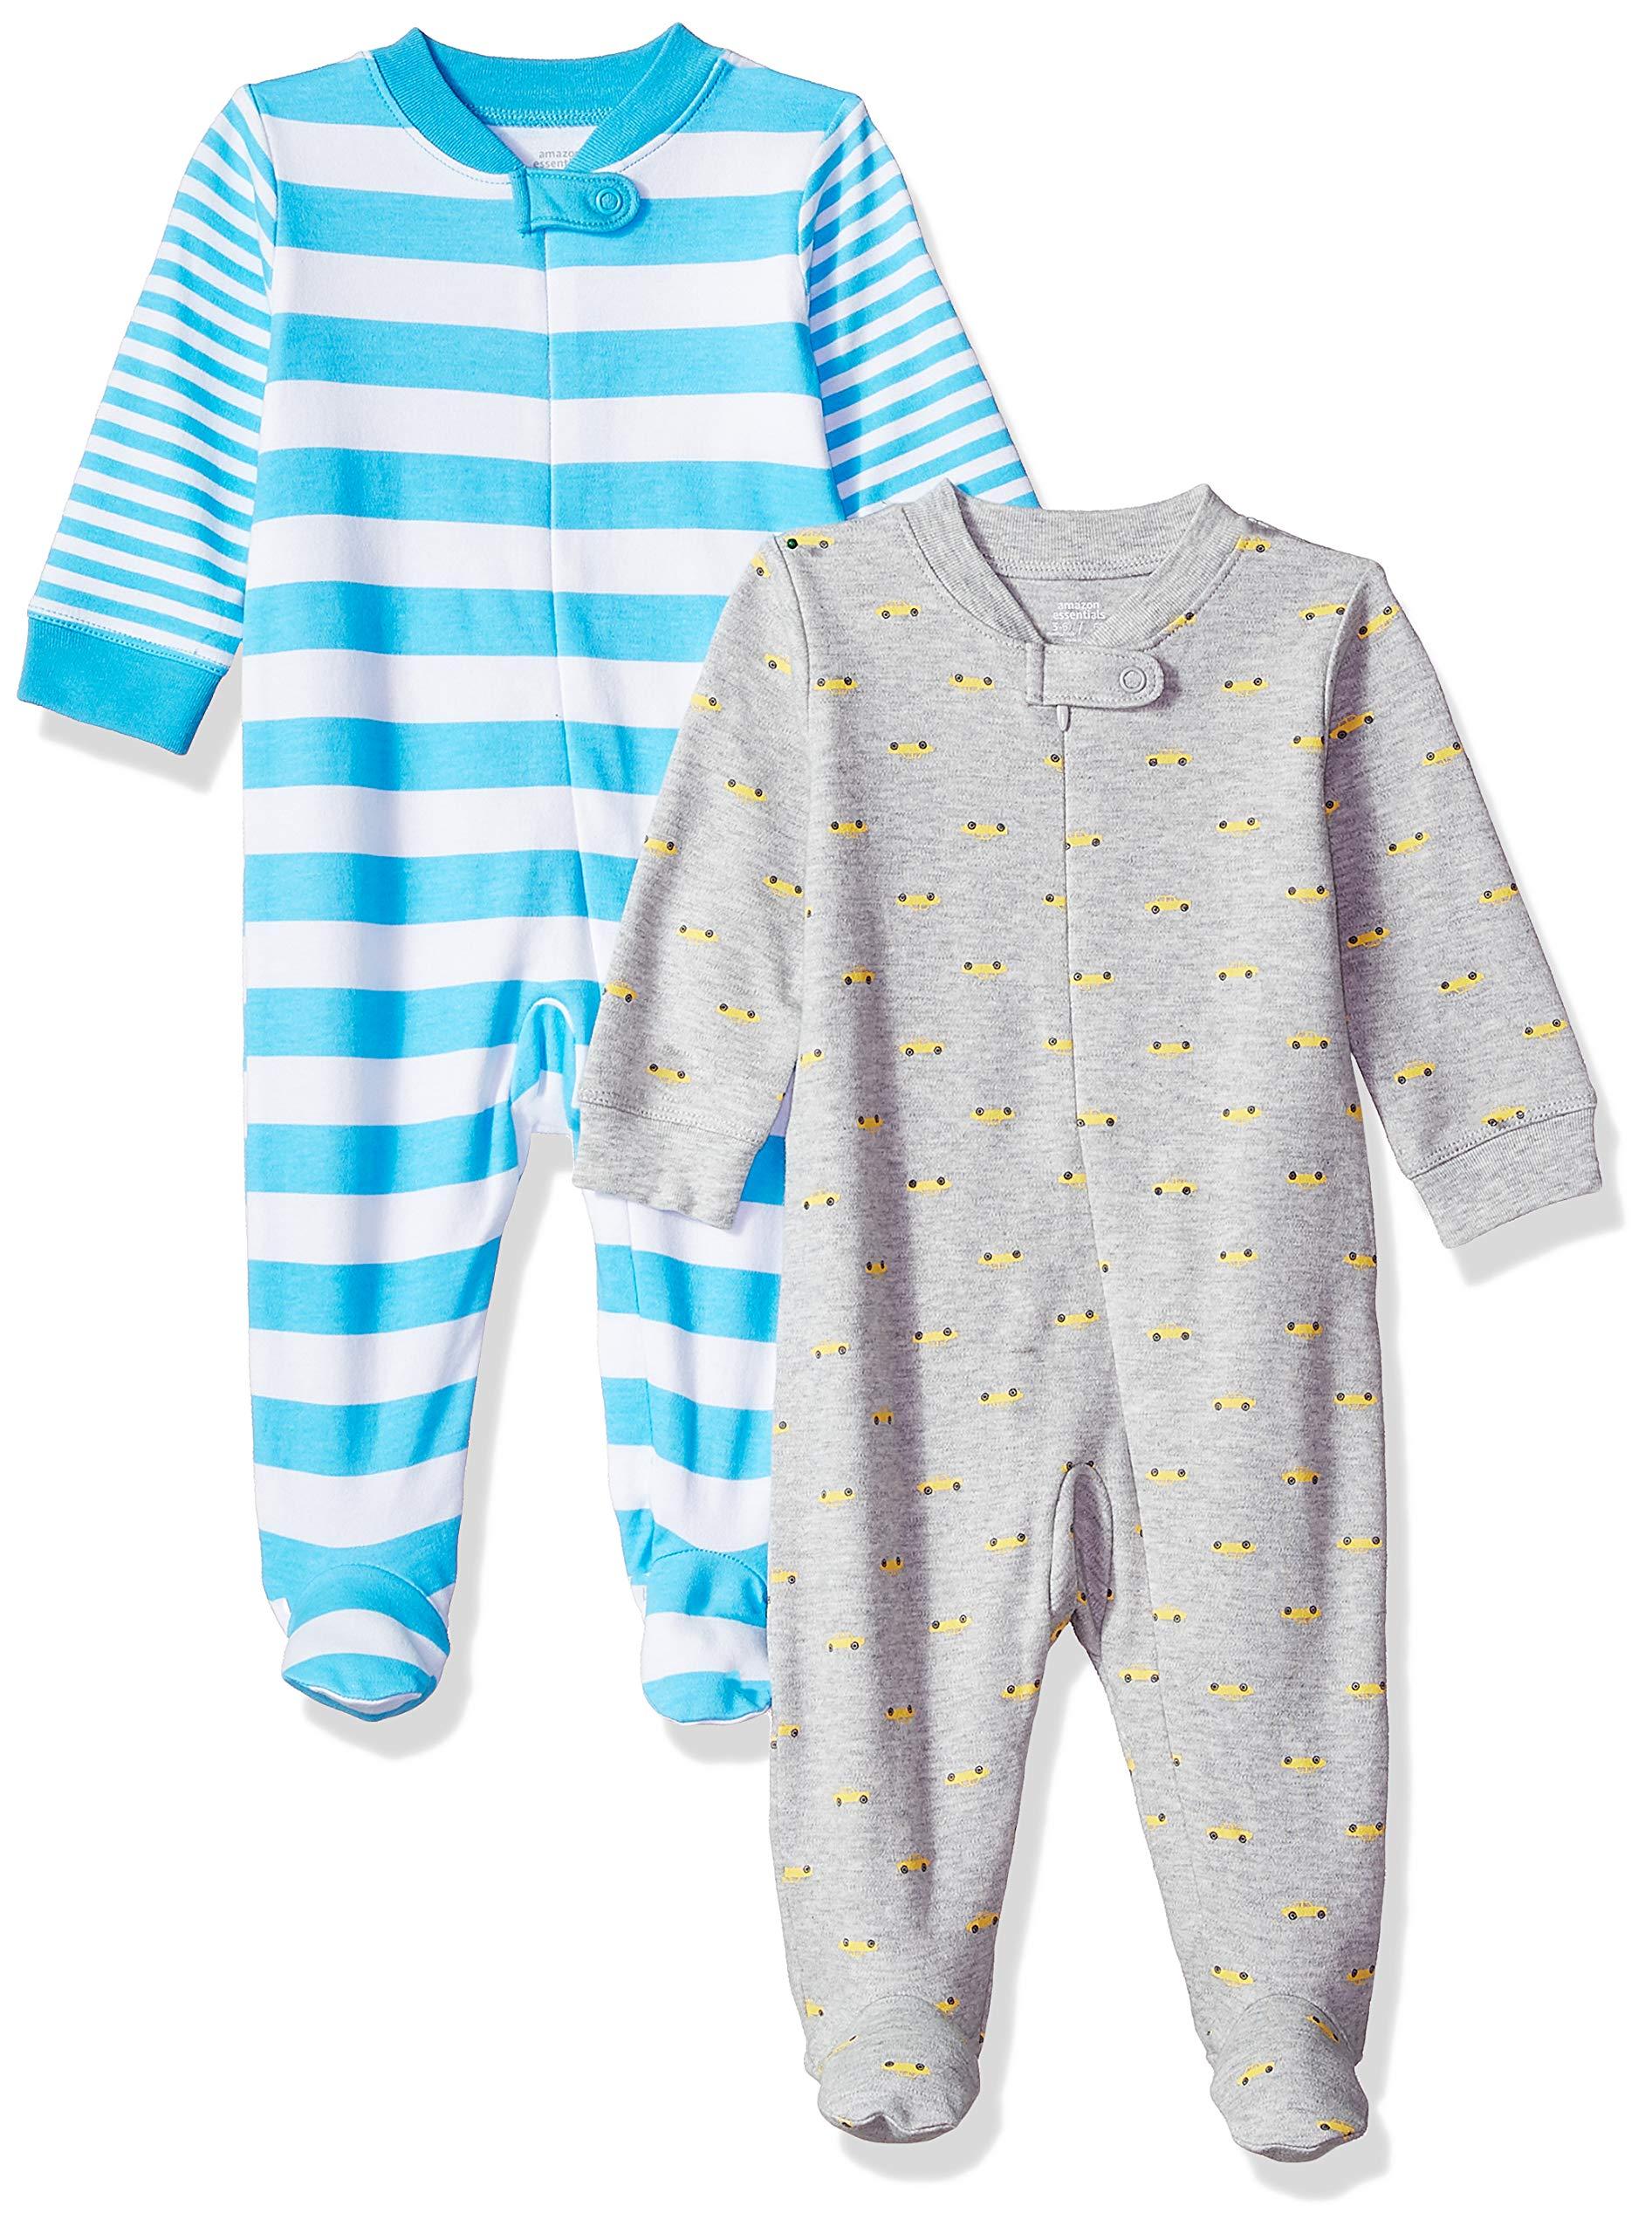 Amazon Essentials - Pack de 2 pijamas de niño para dormir y jugar 1